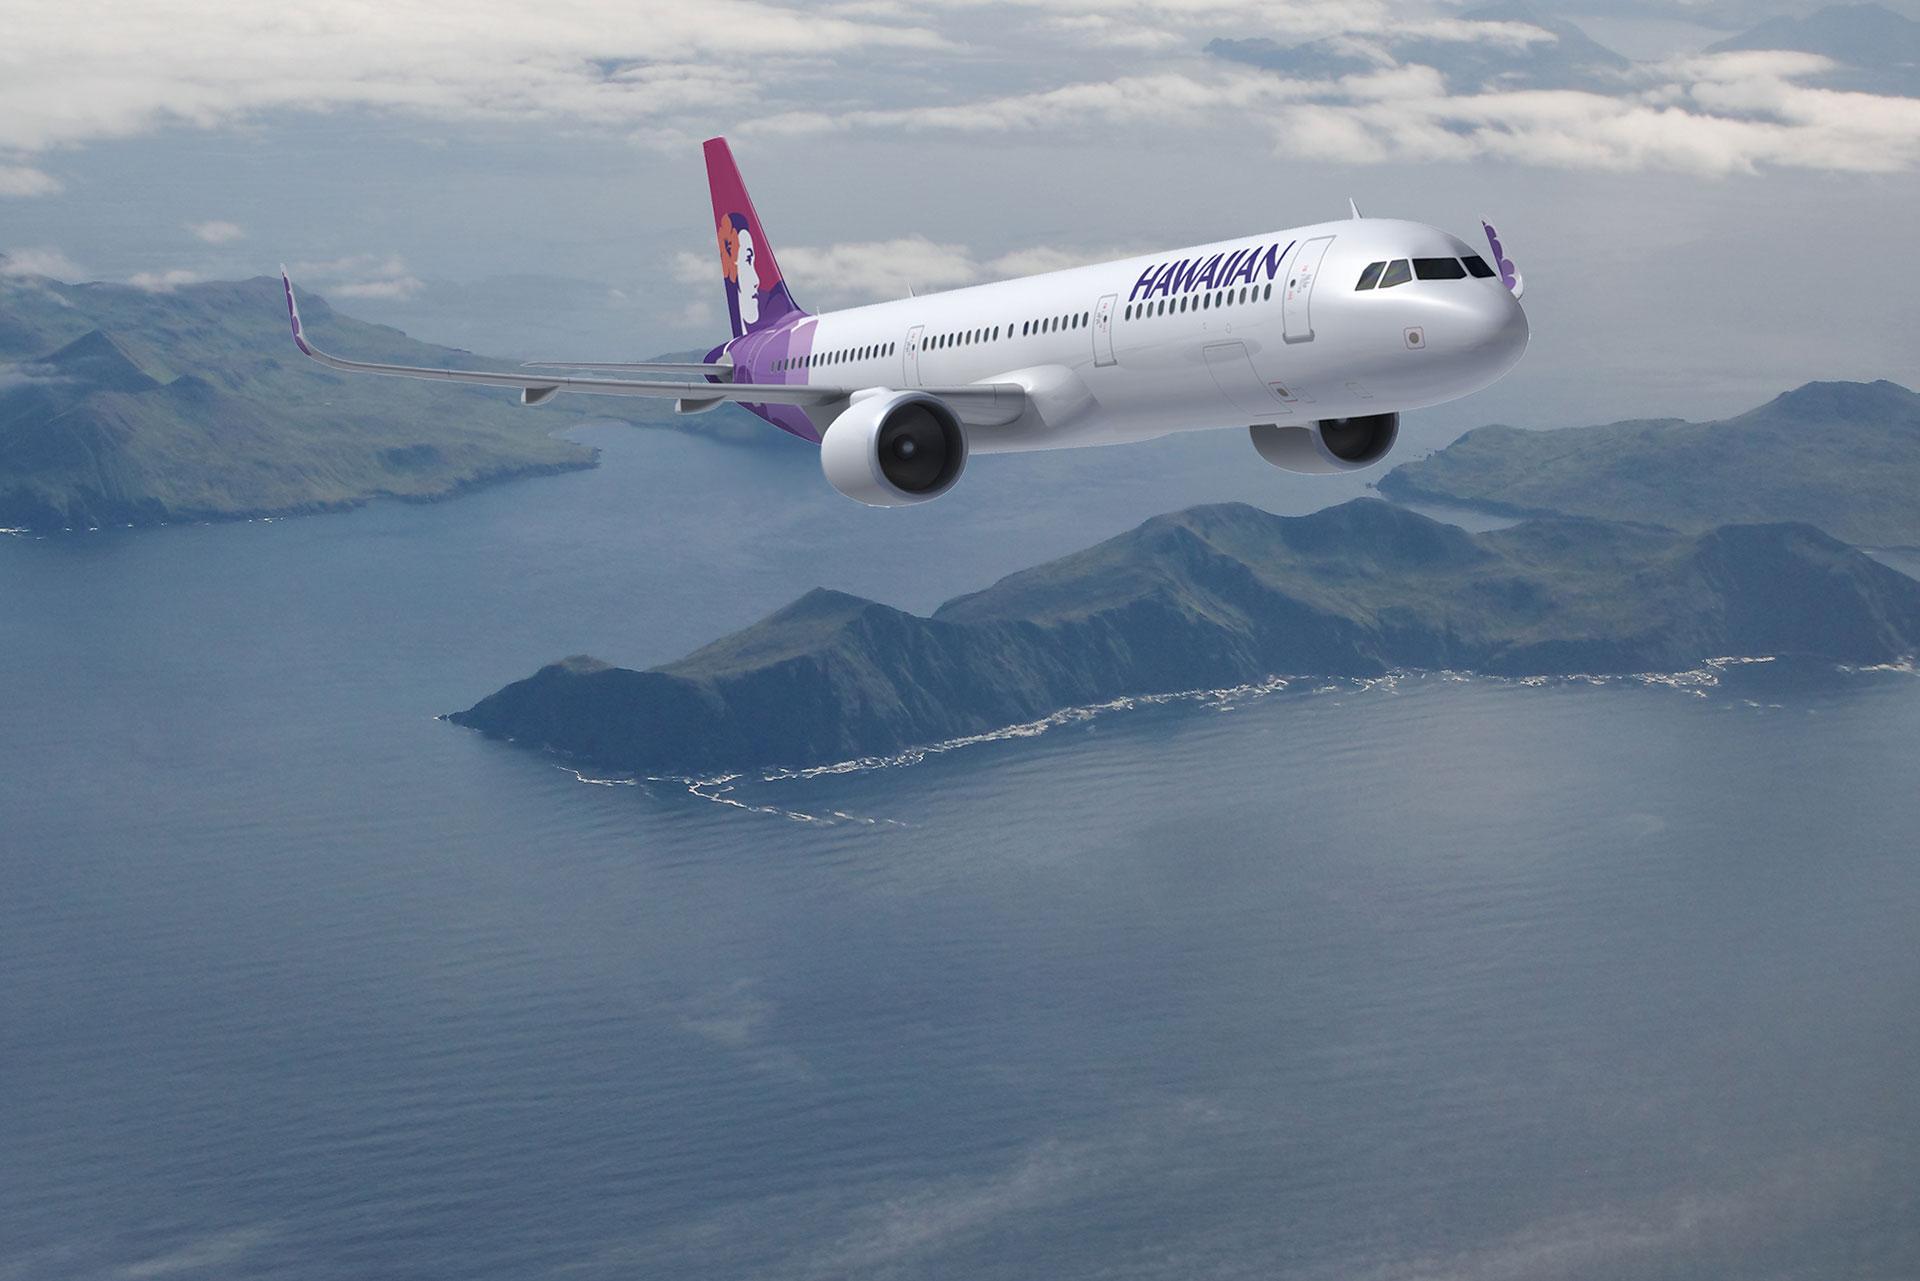 Hawaiian Airlines Flight tracker